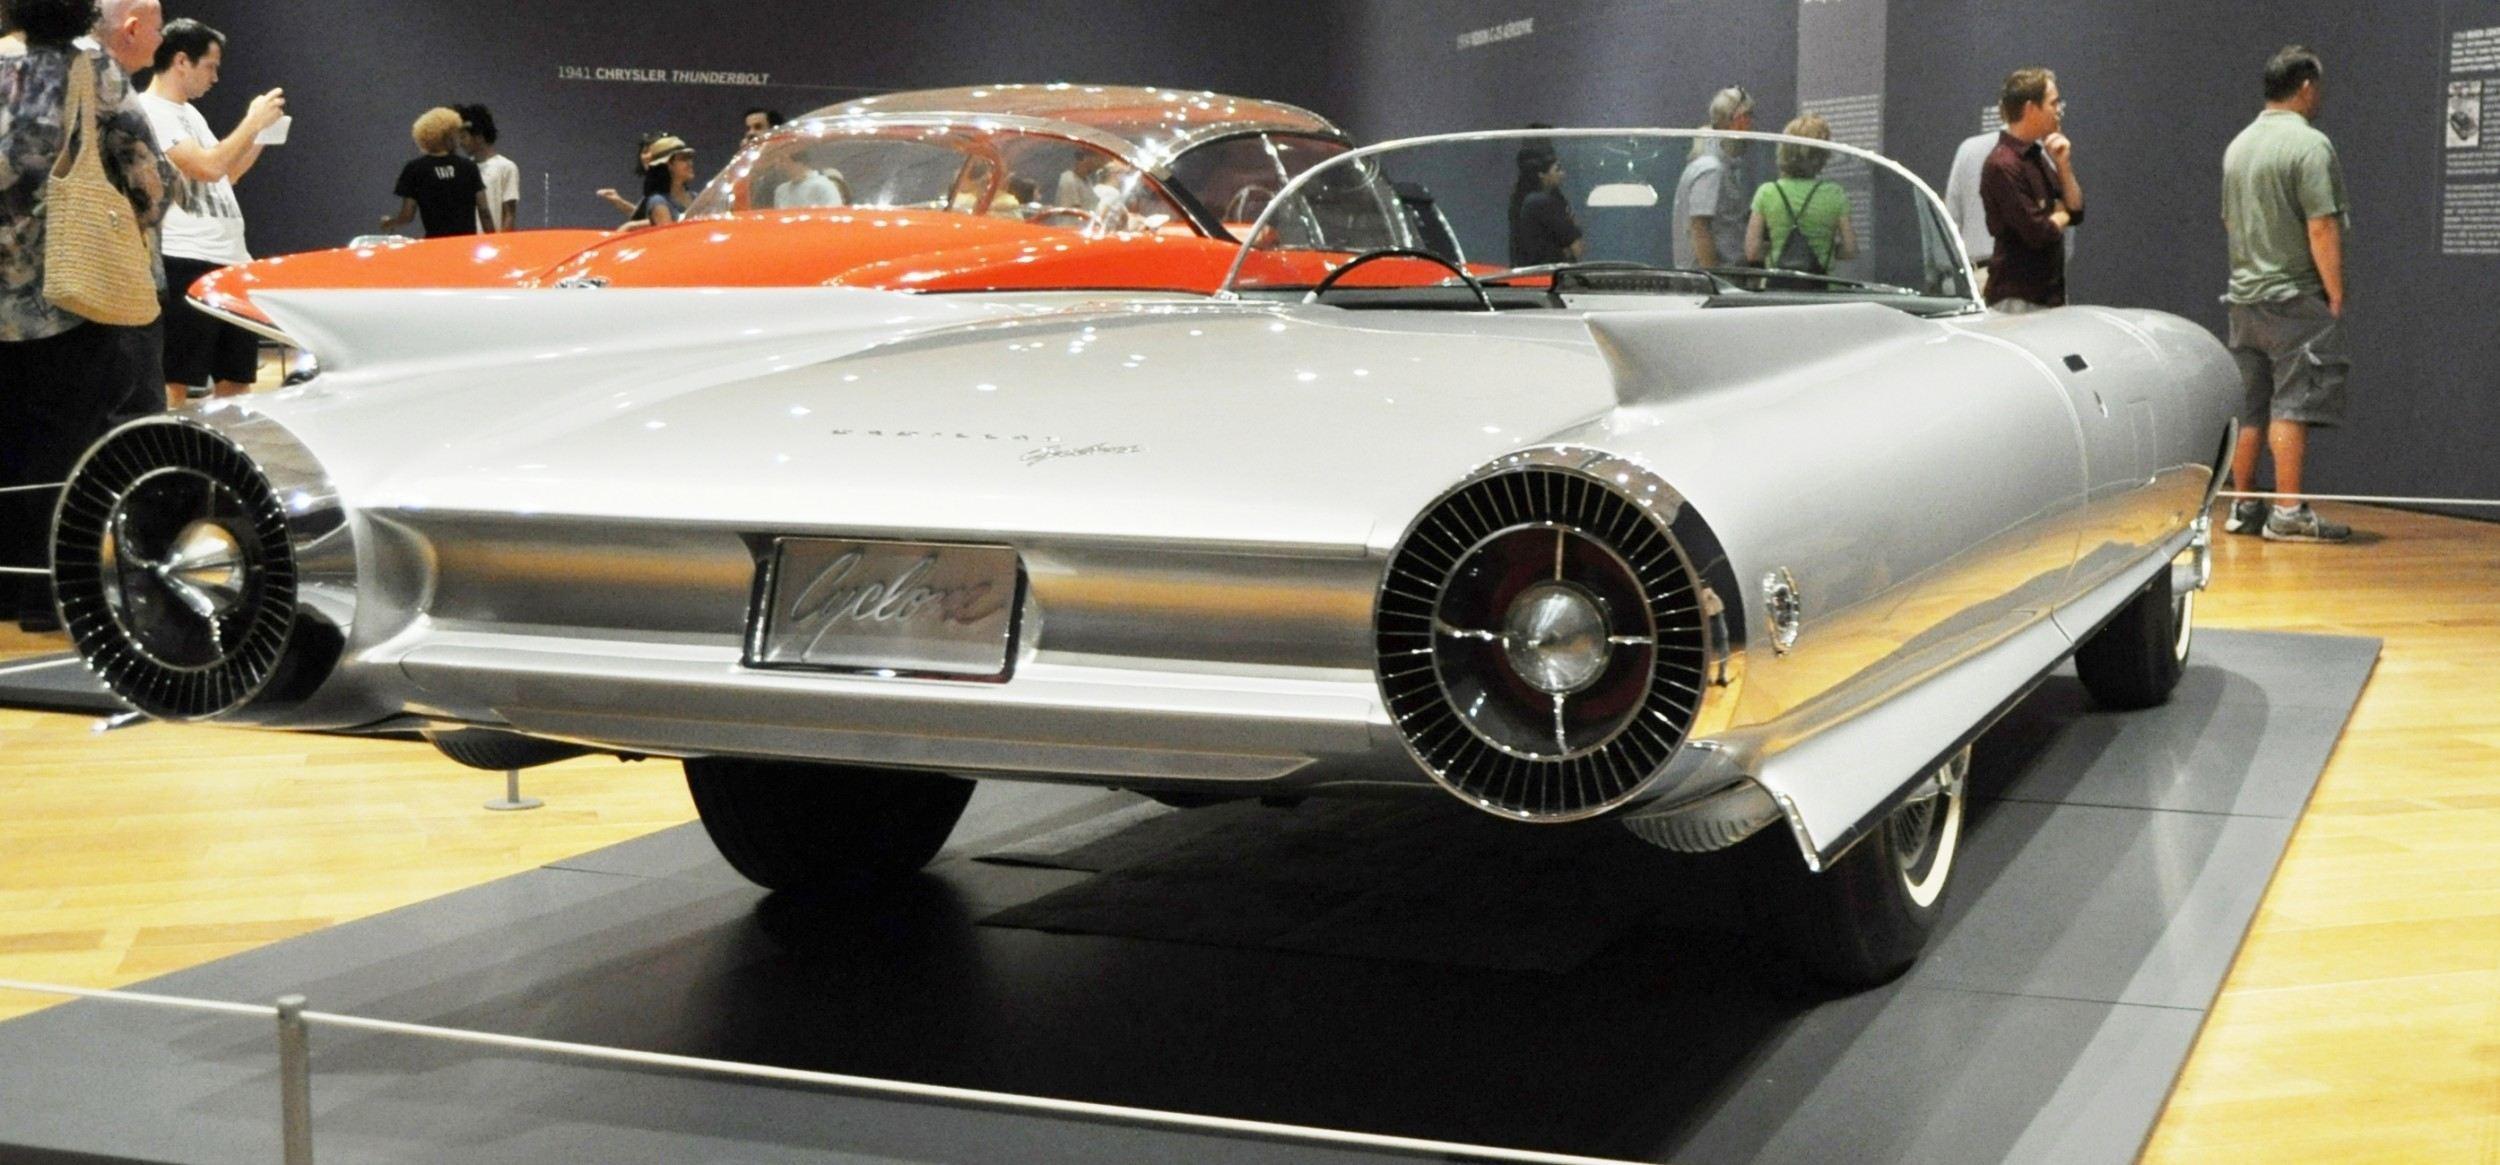 1959 Cadillac Cyclone XP-74